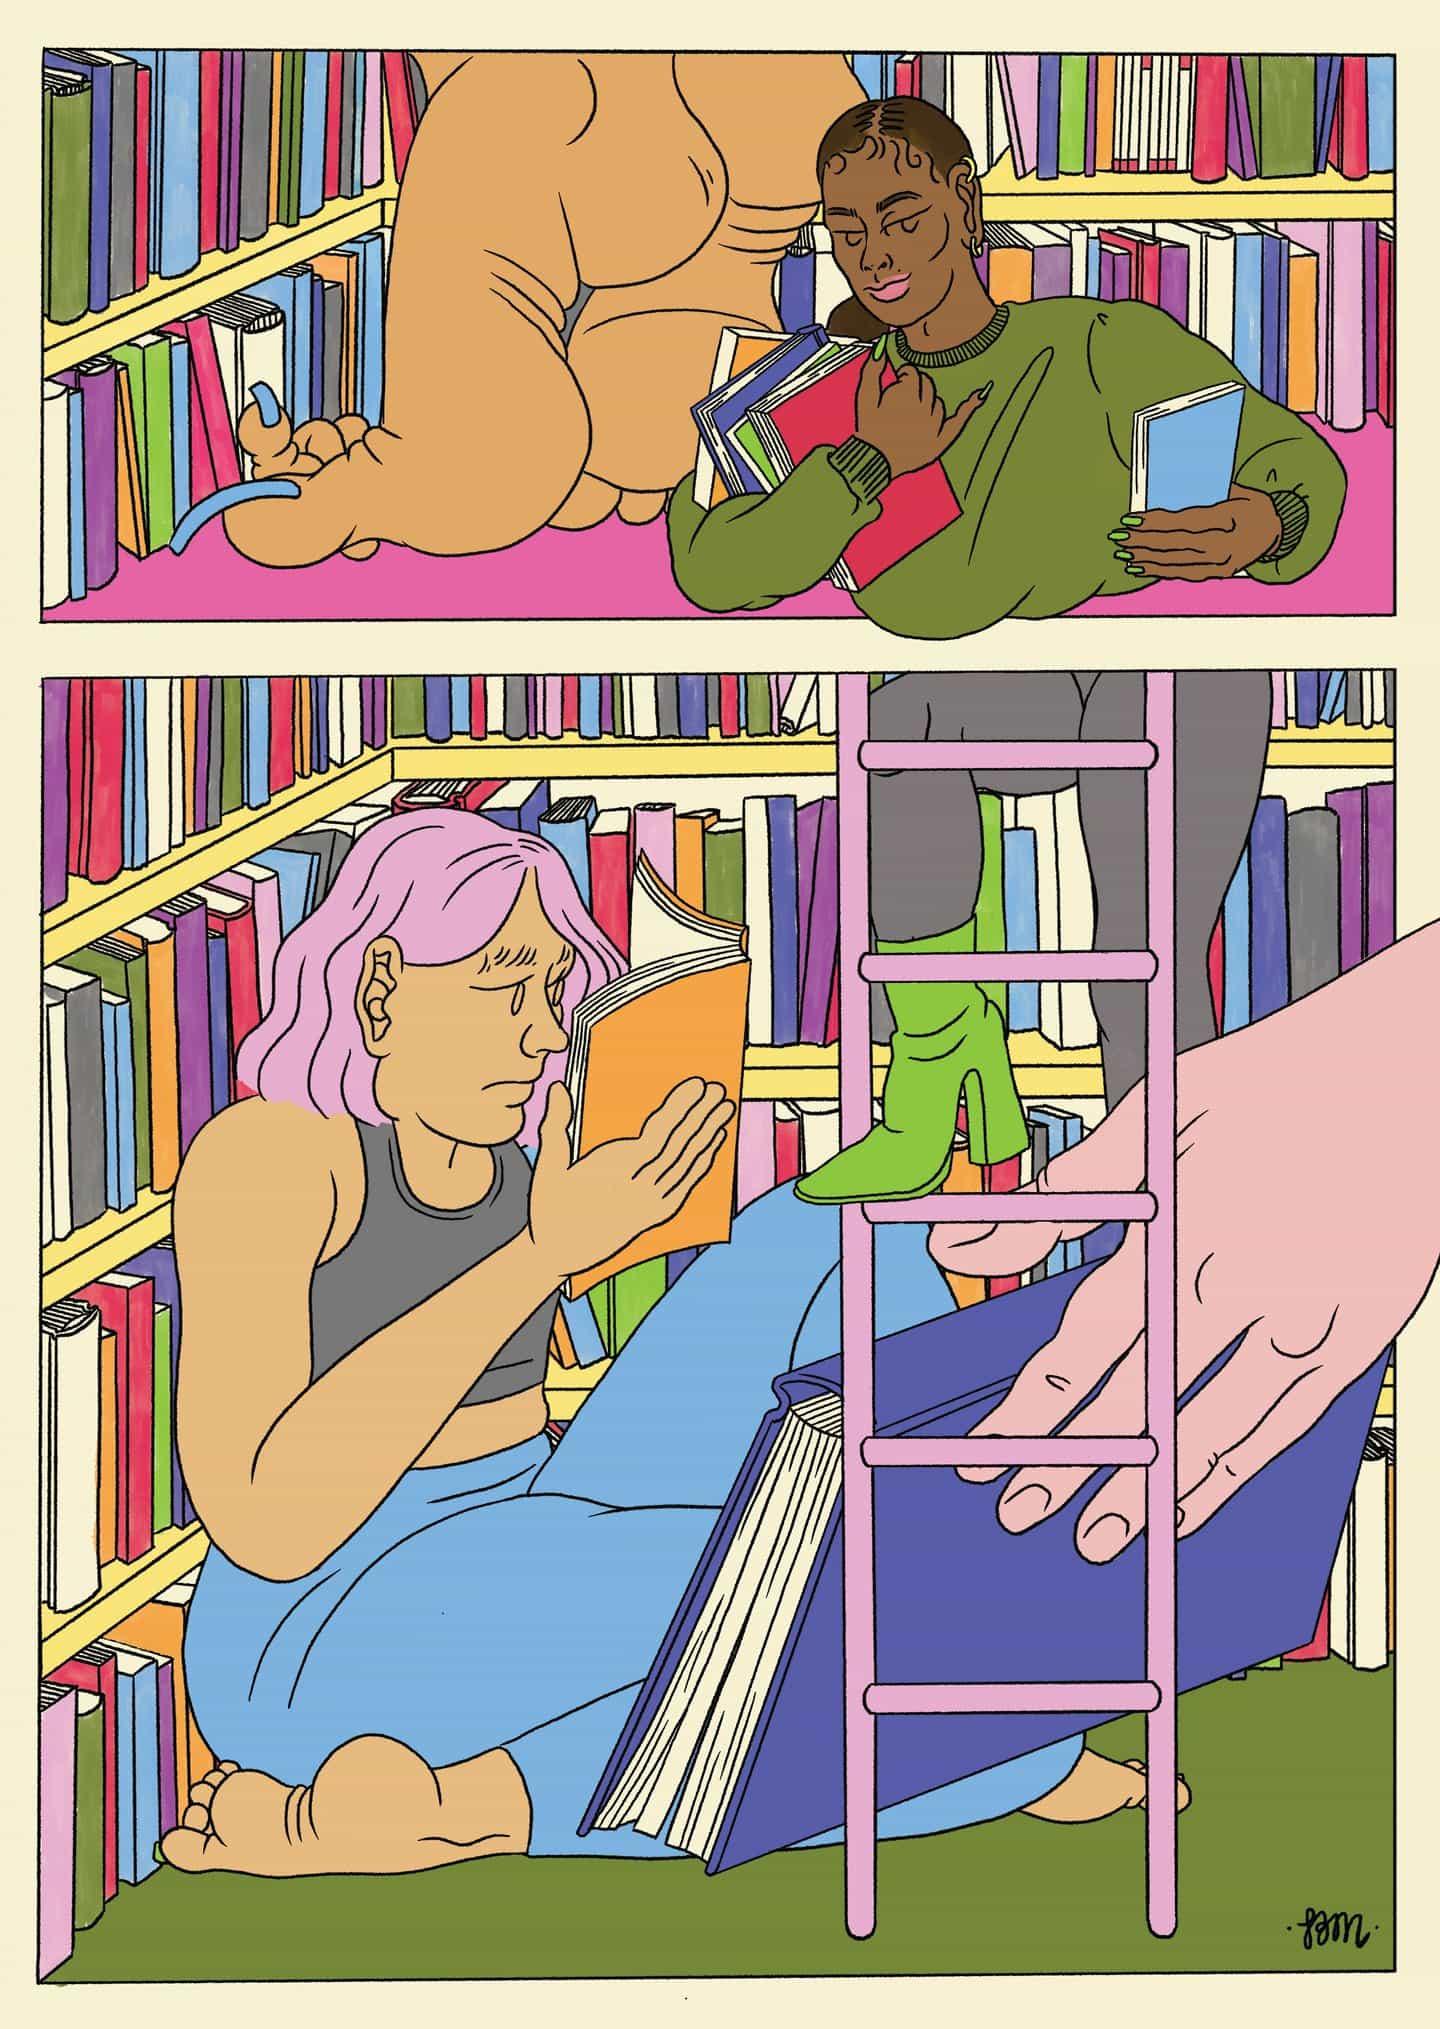 Bridget Meyne: Postal para que ella dijo Librería en Berlín (Copyright © Bridget Meyne, 2020)